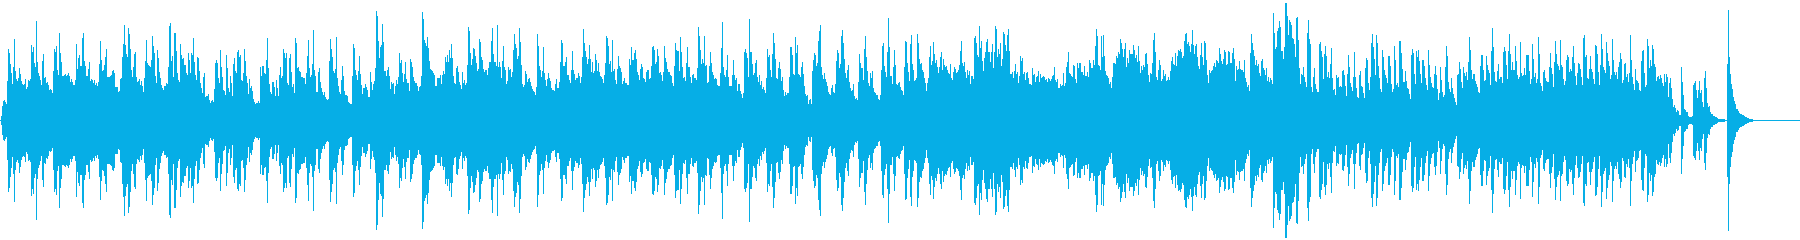 ピアノ・ストリングスの穏やかでカワイイ曲の再生済みの波形